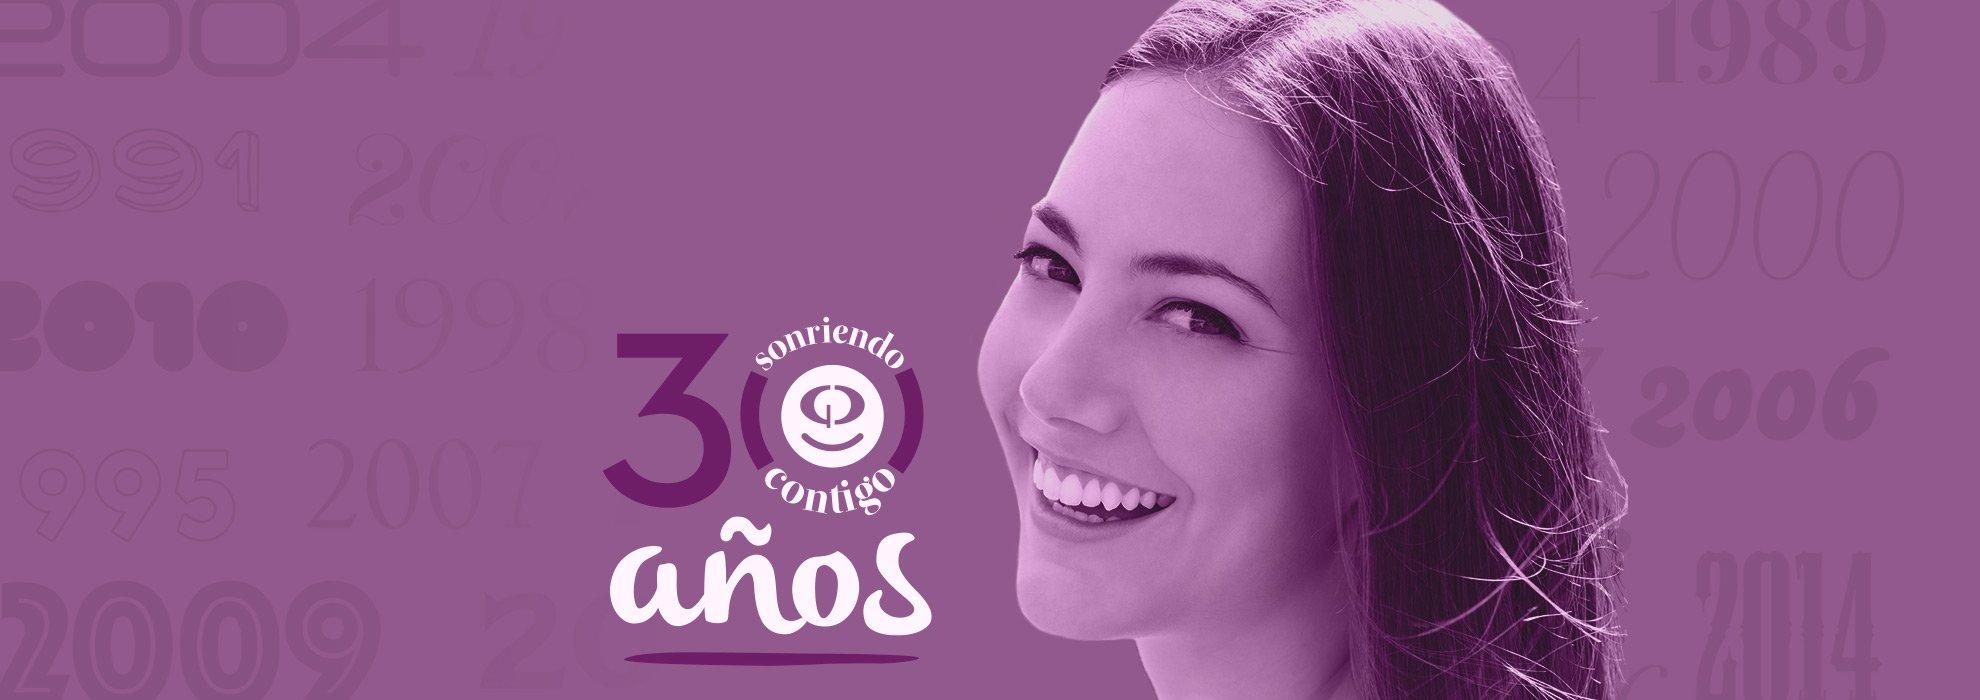 30 años de experiencia en odontologia Sevilla